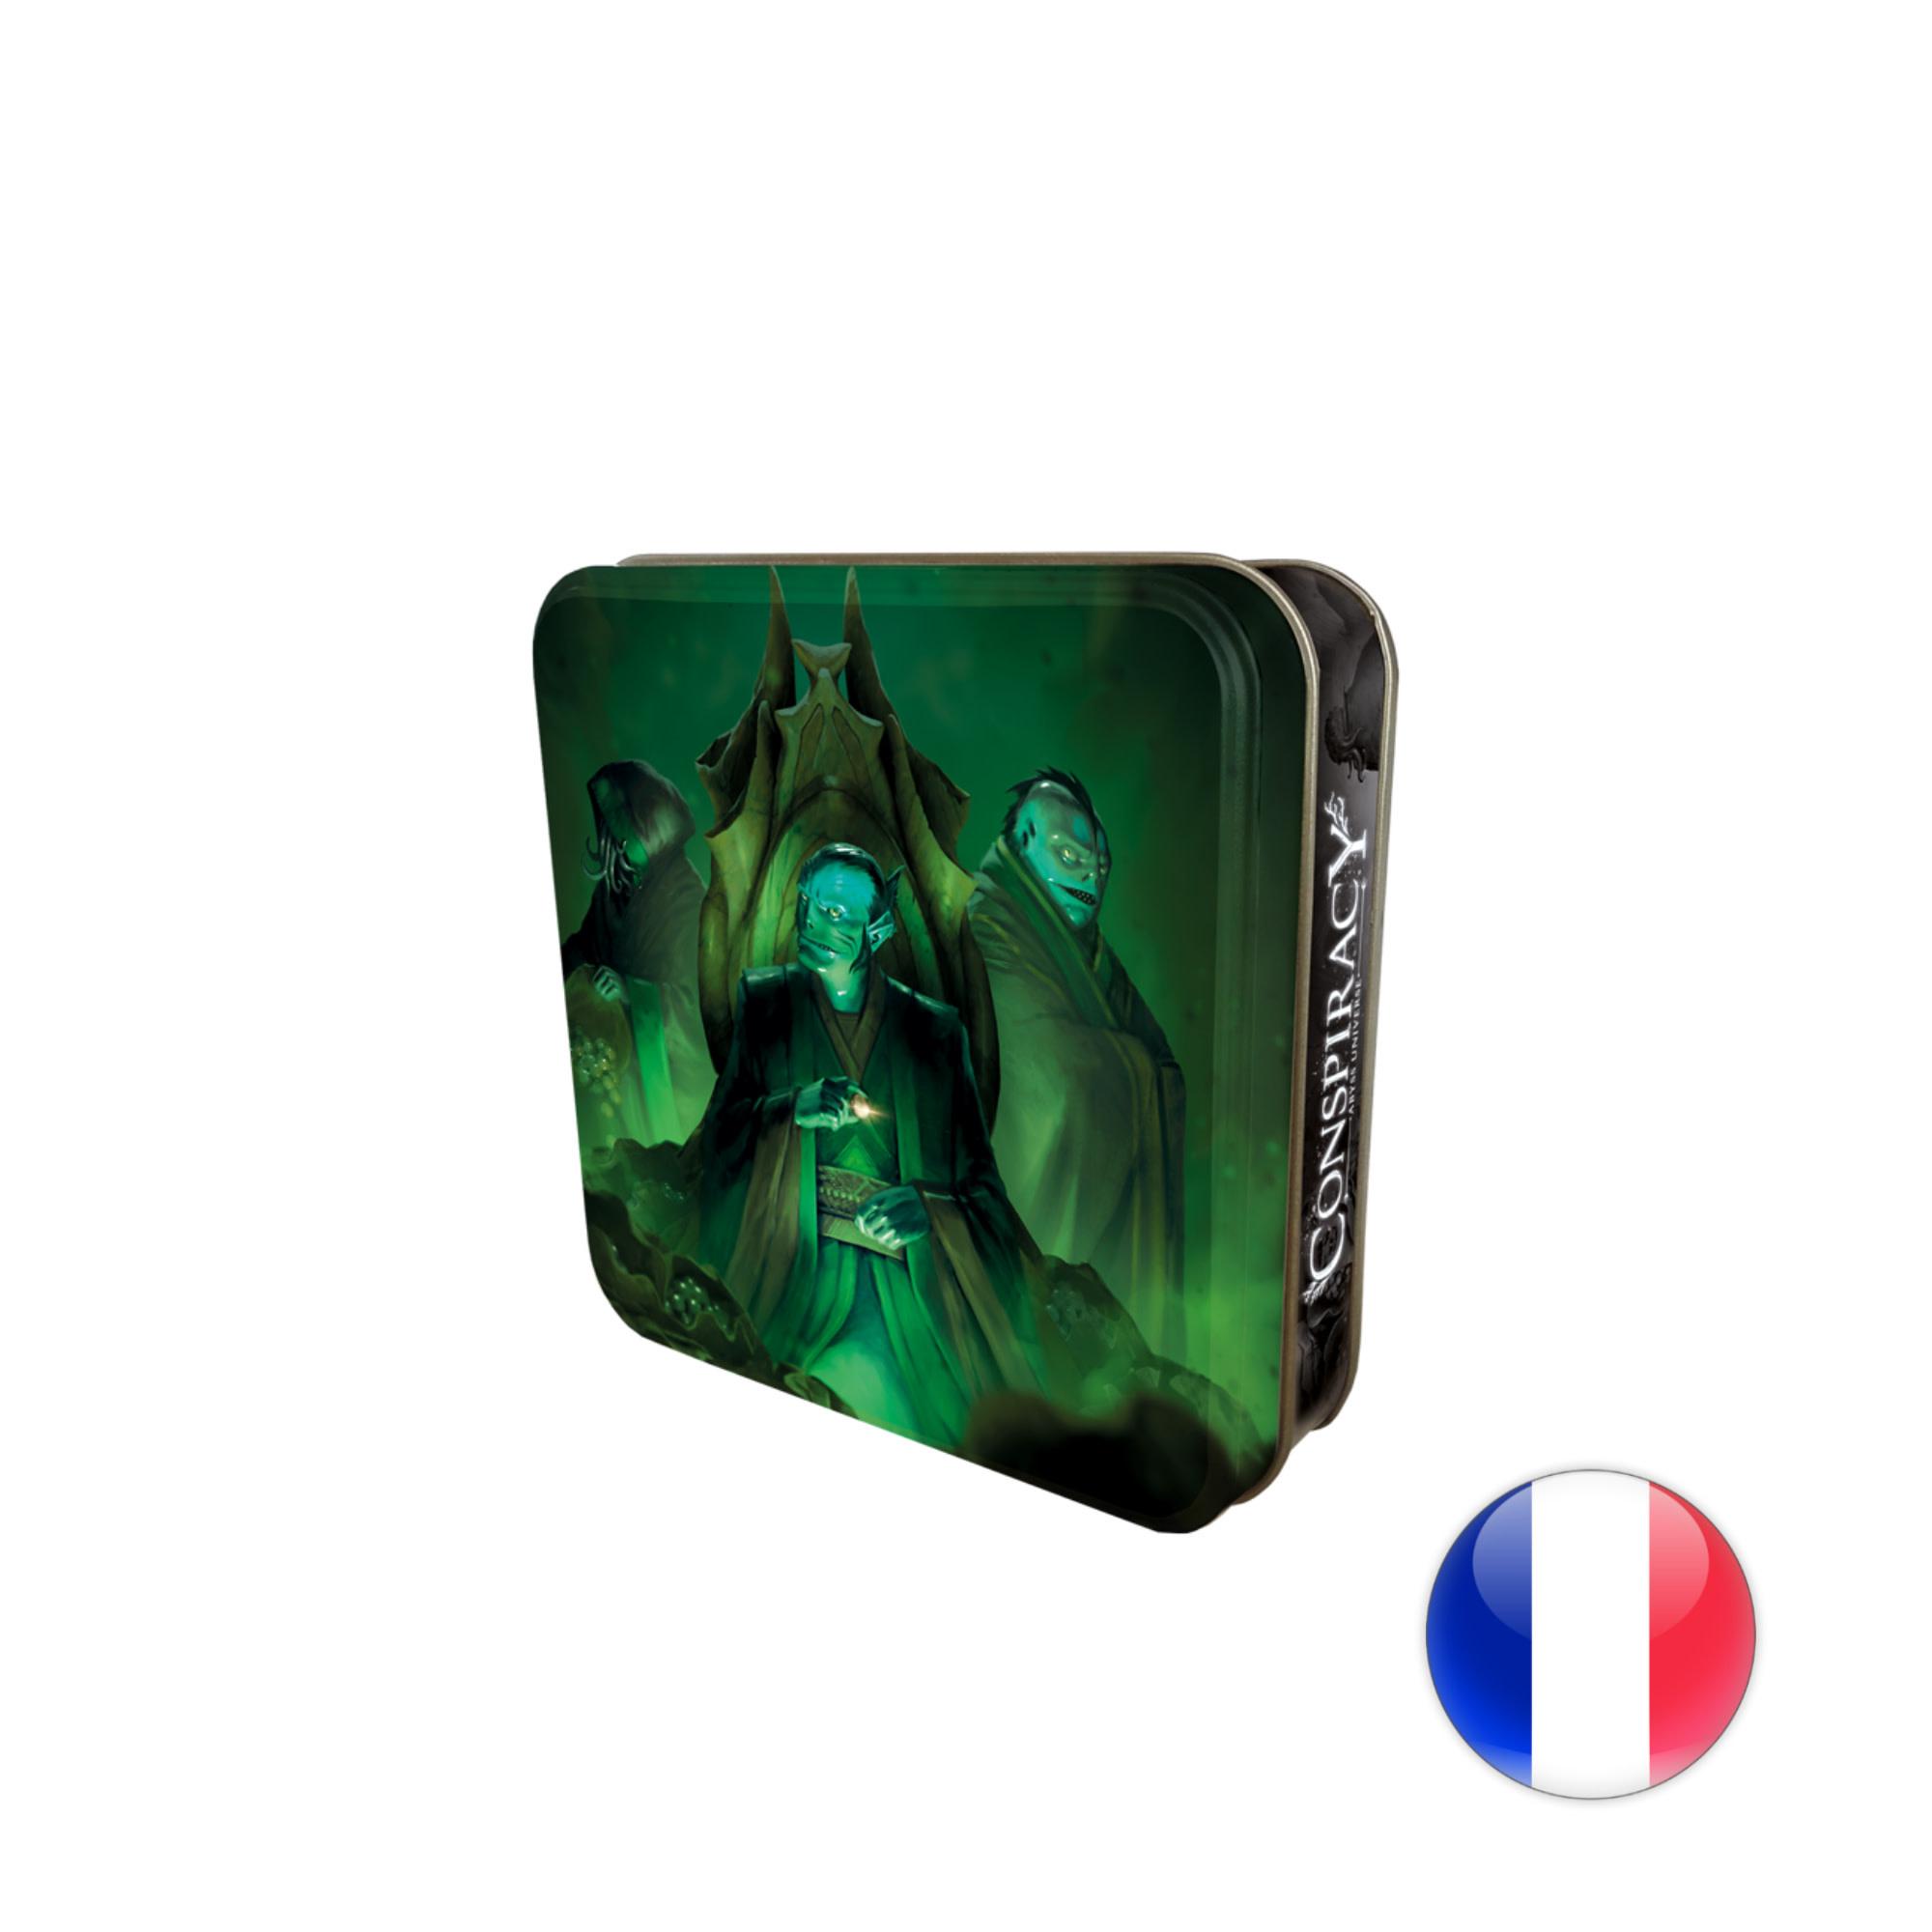 Bombyx Abyss / Conspiracy / version verte